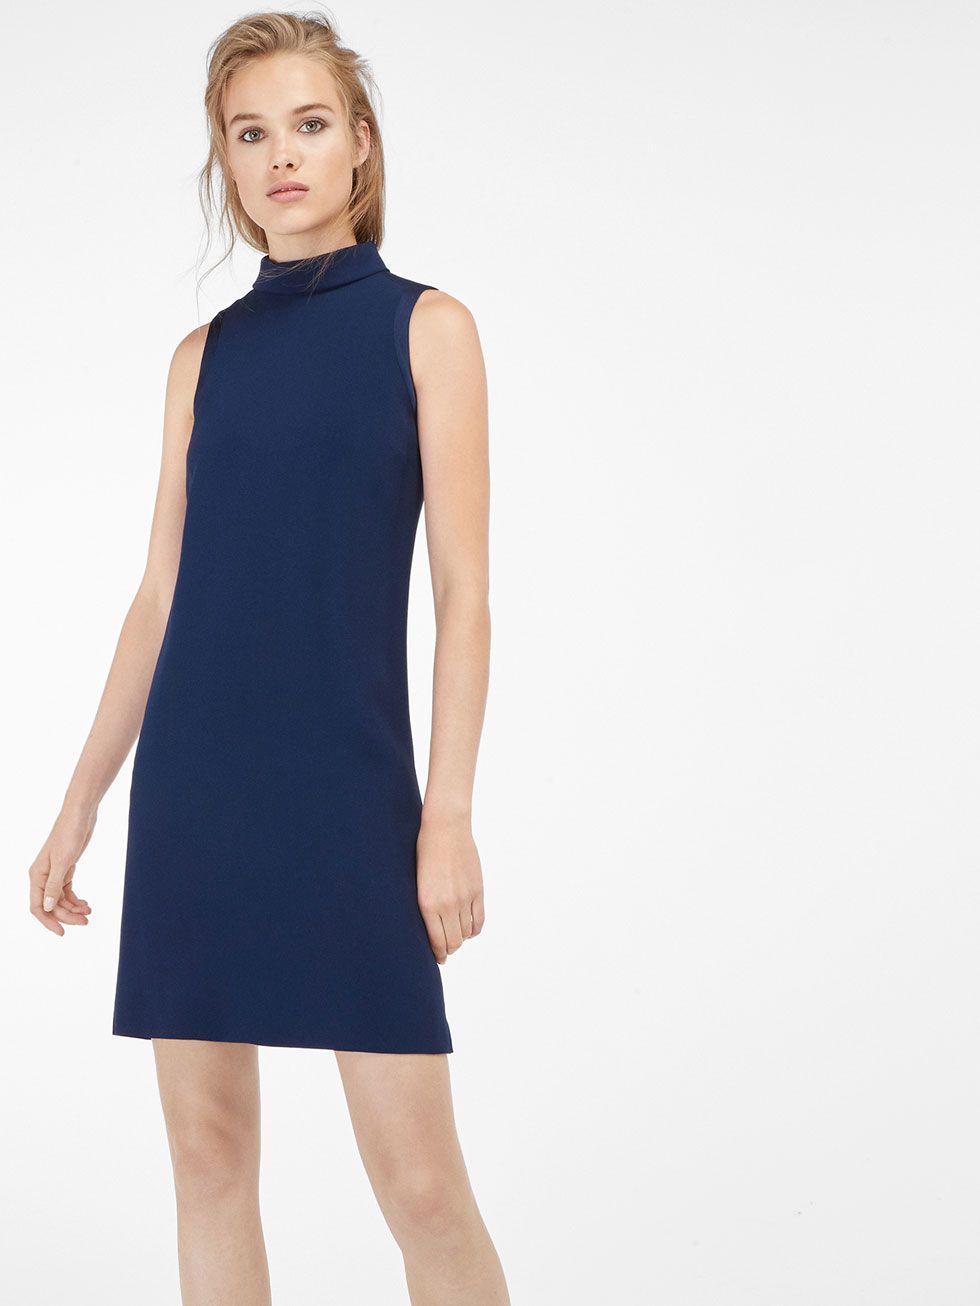 Hellblaues kleid mit kragen